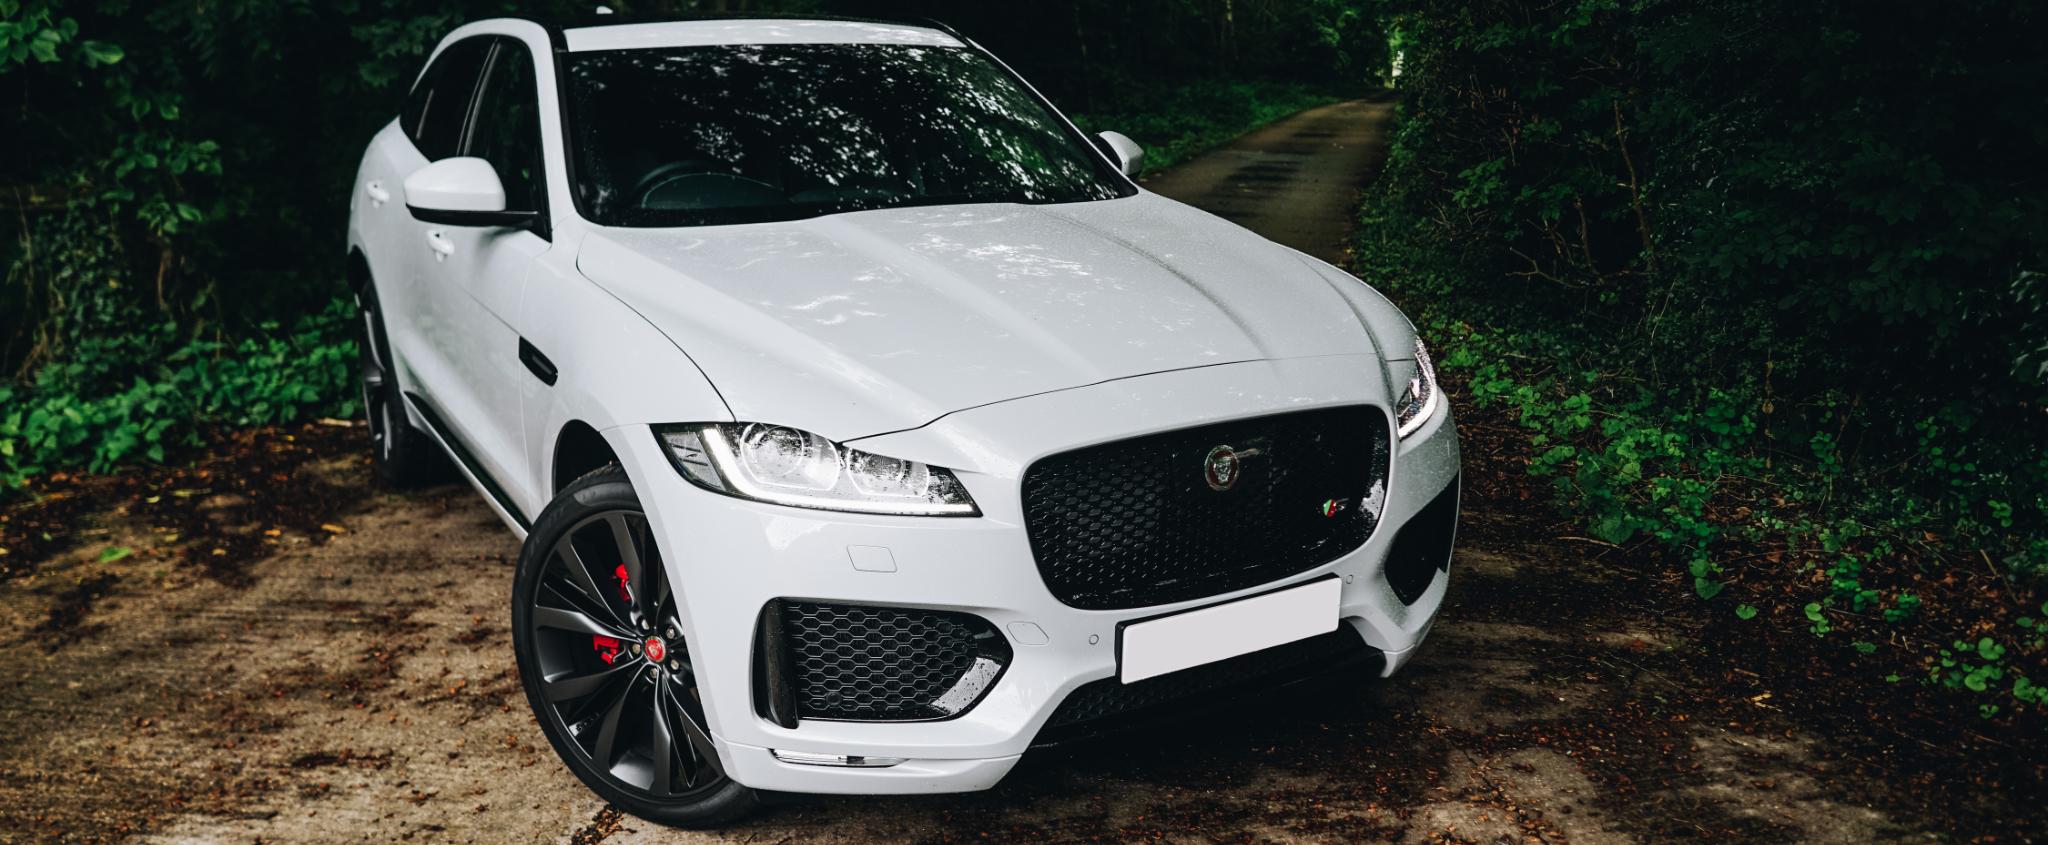 The Jaguar F PACE